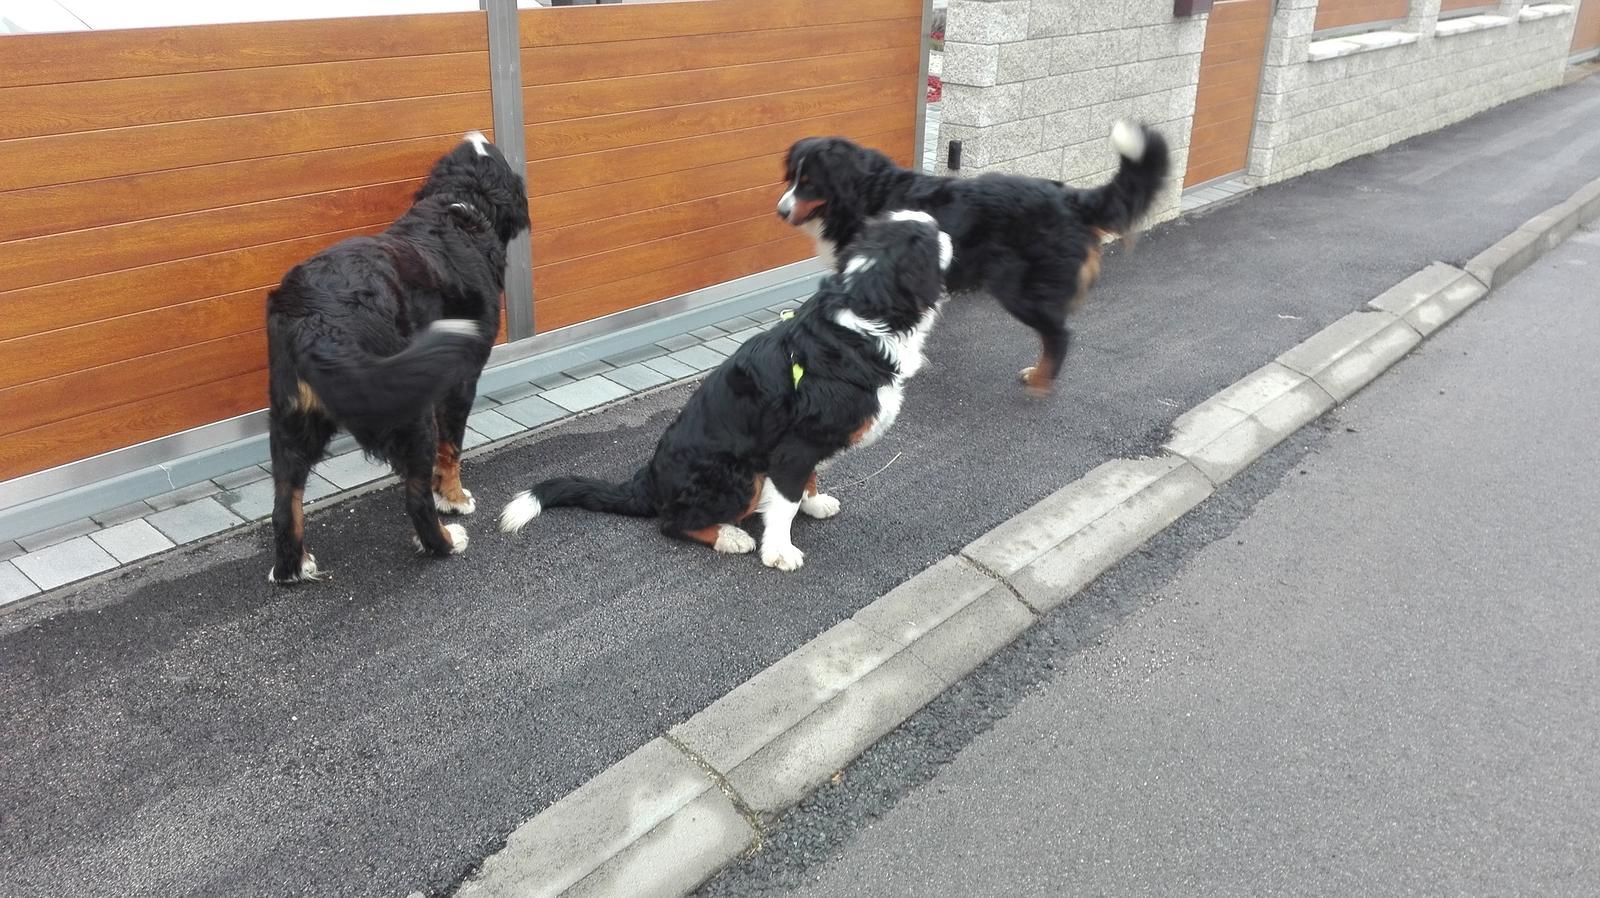 Nas zverinec - dve fenky,jeden pes a dvaja kocurikovia - Obrázok č. 66